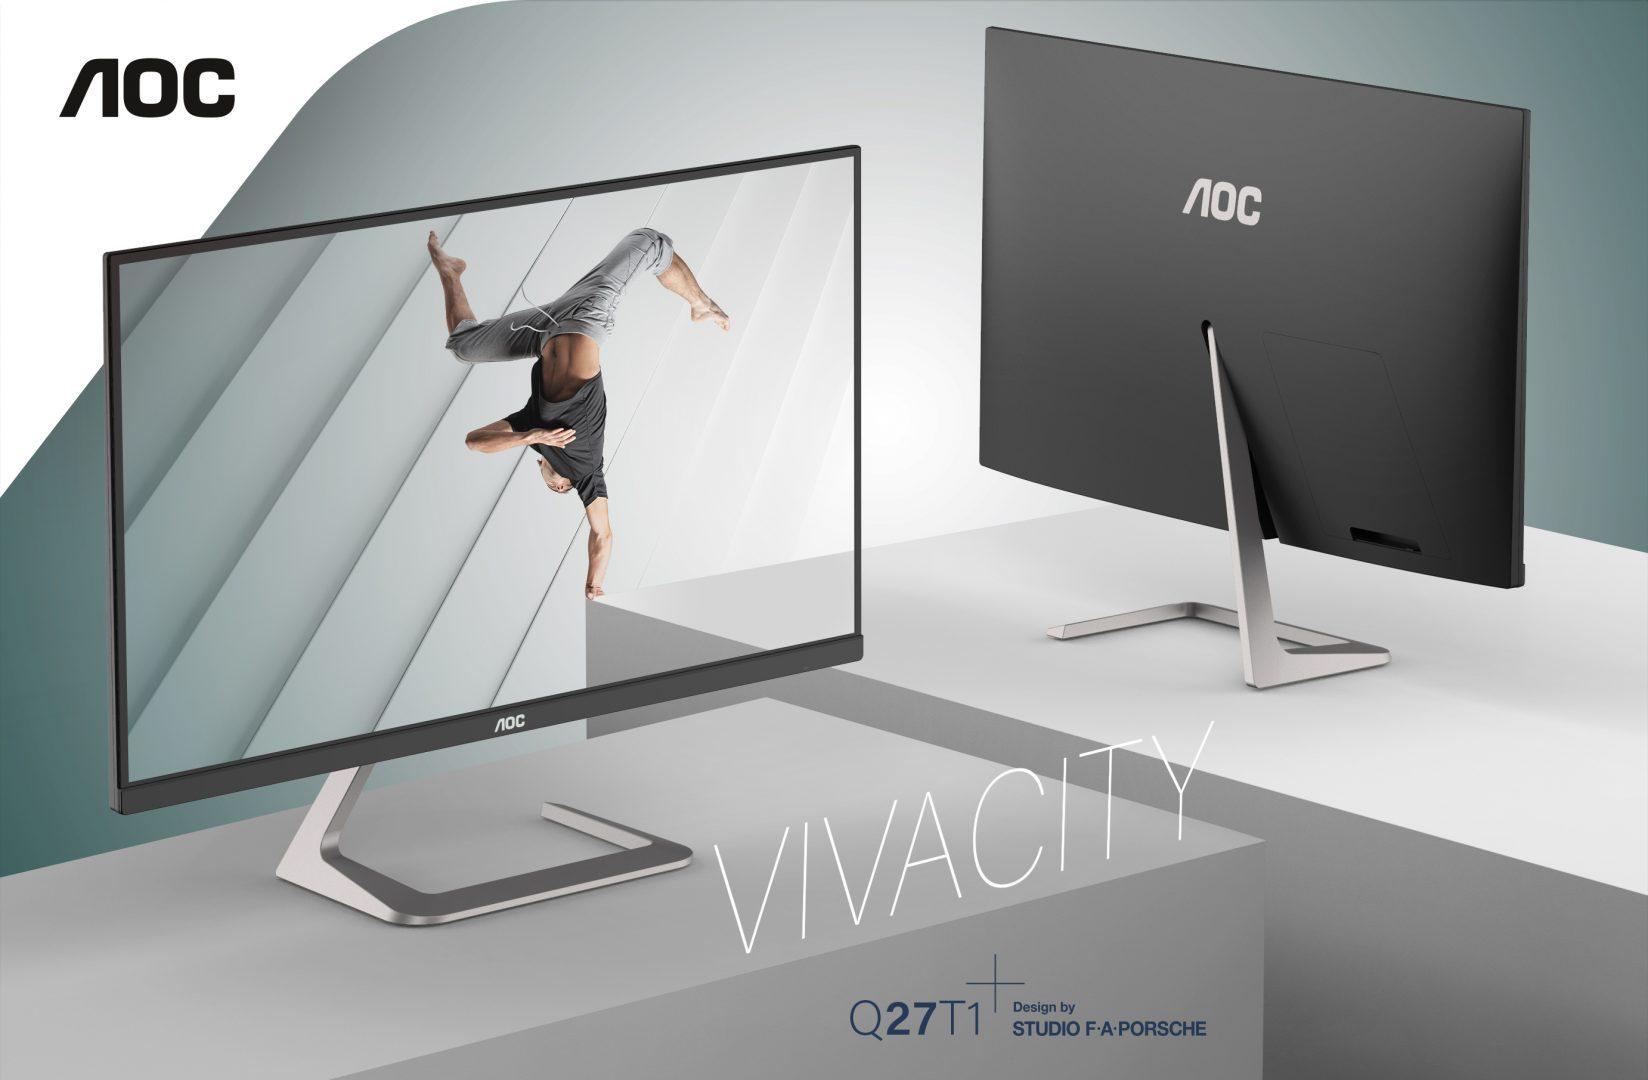 Monitorul AOC, creat împreună cu Studioul F.A. Porsche